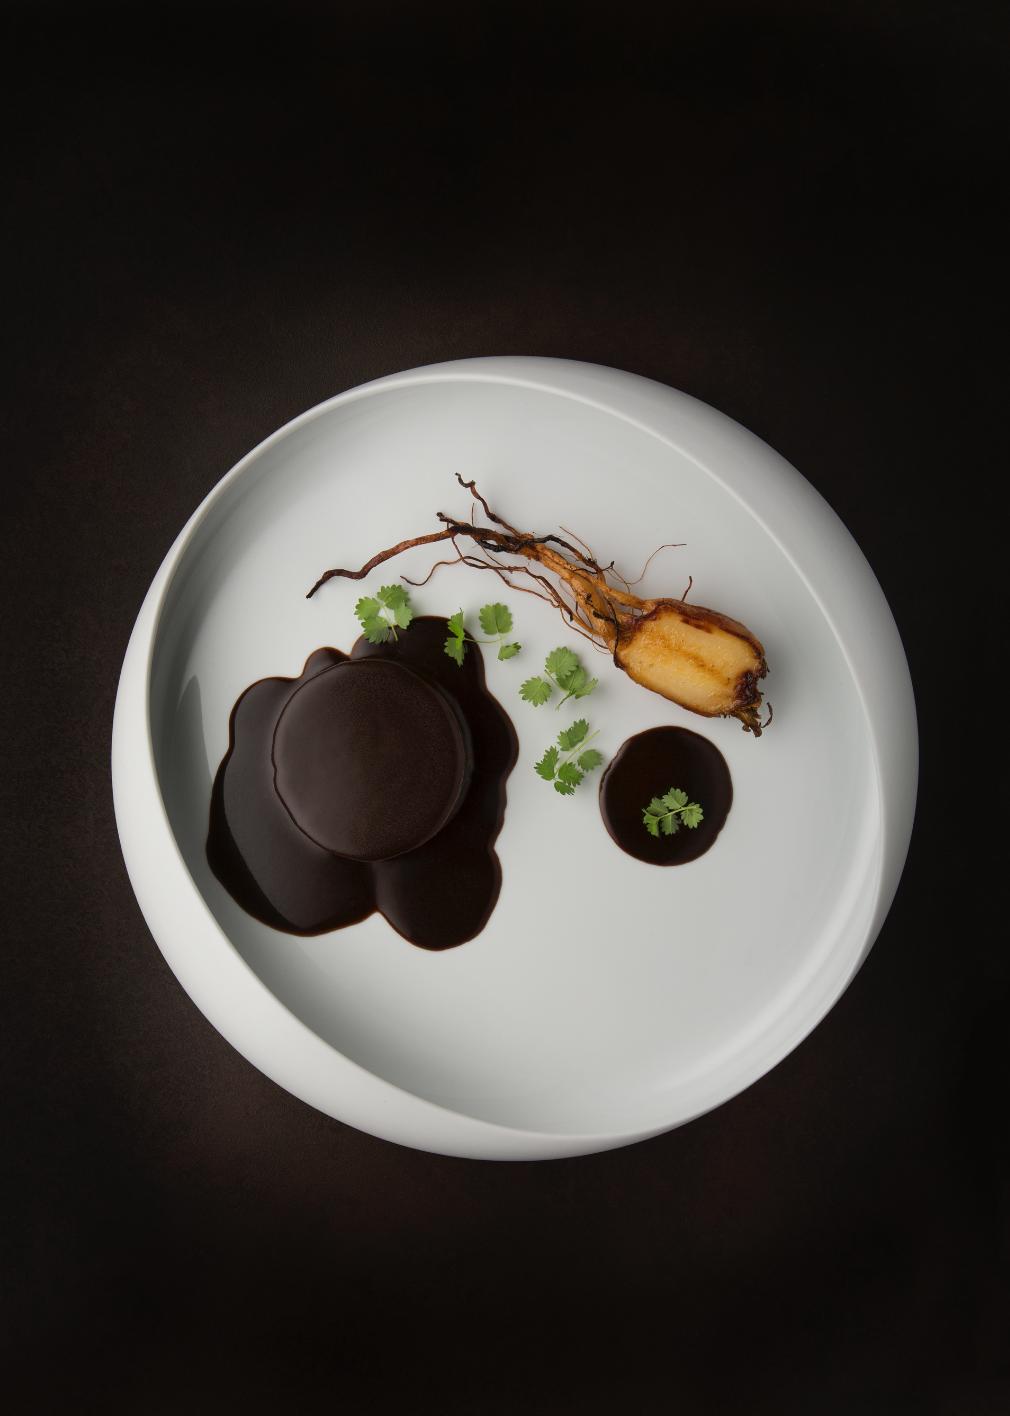 Nel menu del Mirazur anche la lepre à la royale è una delle glorie gastronomiche della cucina francese. Il suo successo richiede una preparazione e una cottura complesse.